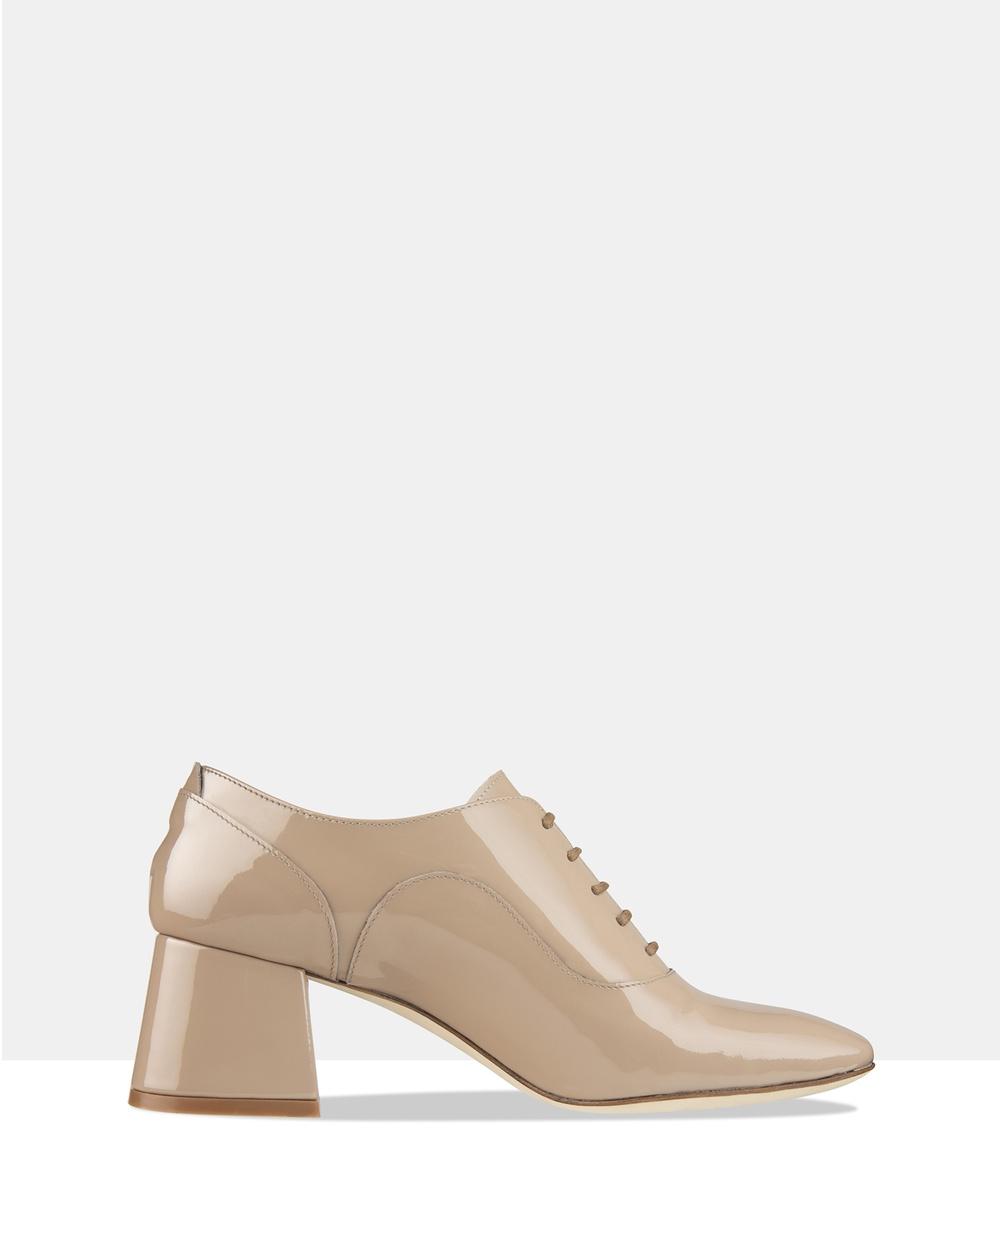 Habbot Harris Lace up Heels Mid-low heels Beige Harris Lace-up Heels